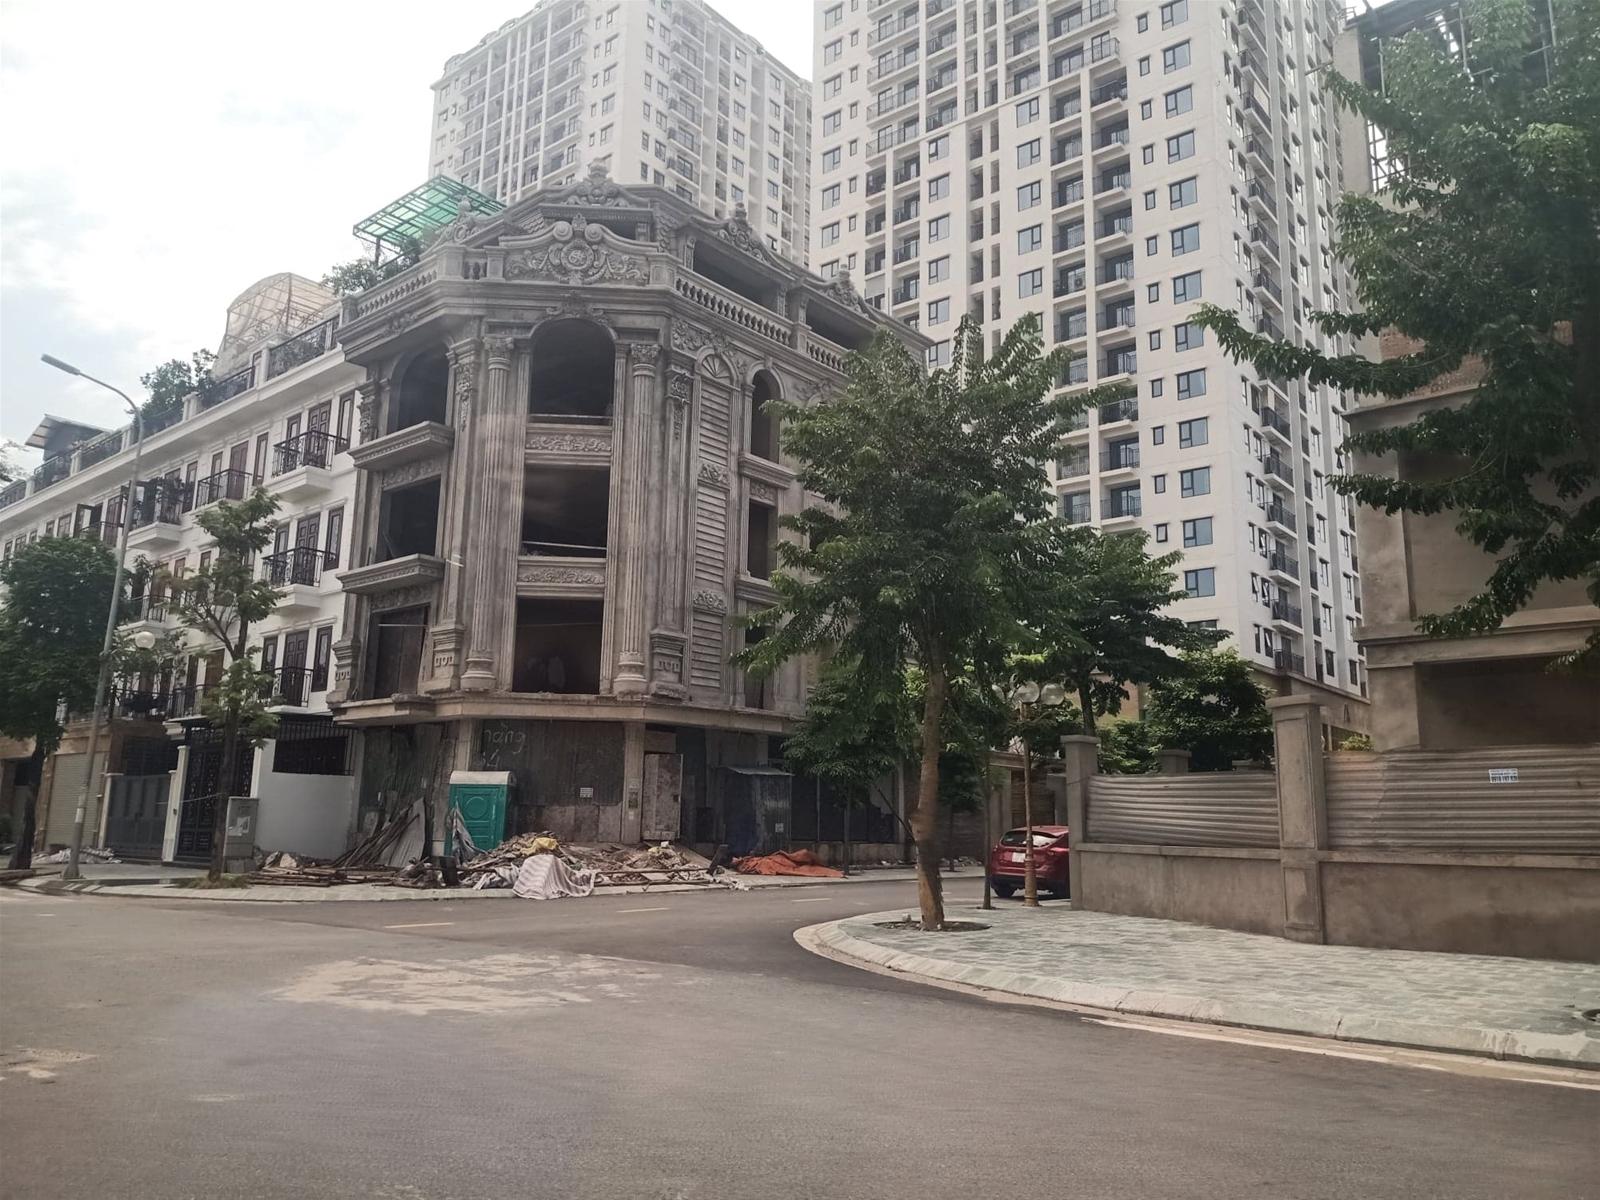 Xây dựng sai phép tại phường Bồ Đề có thể dẫn đến việc coi thường pháp luật